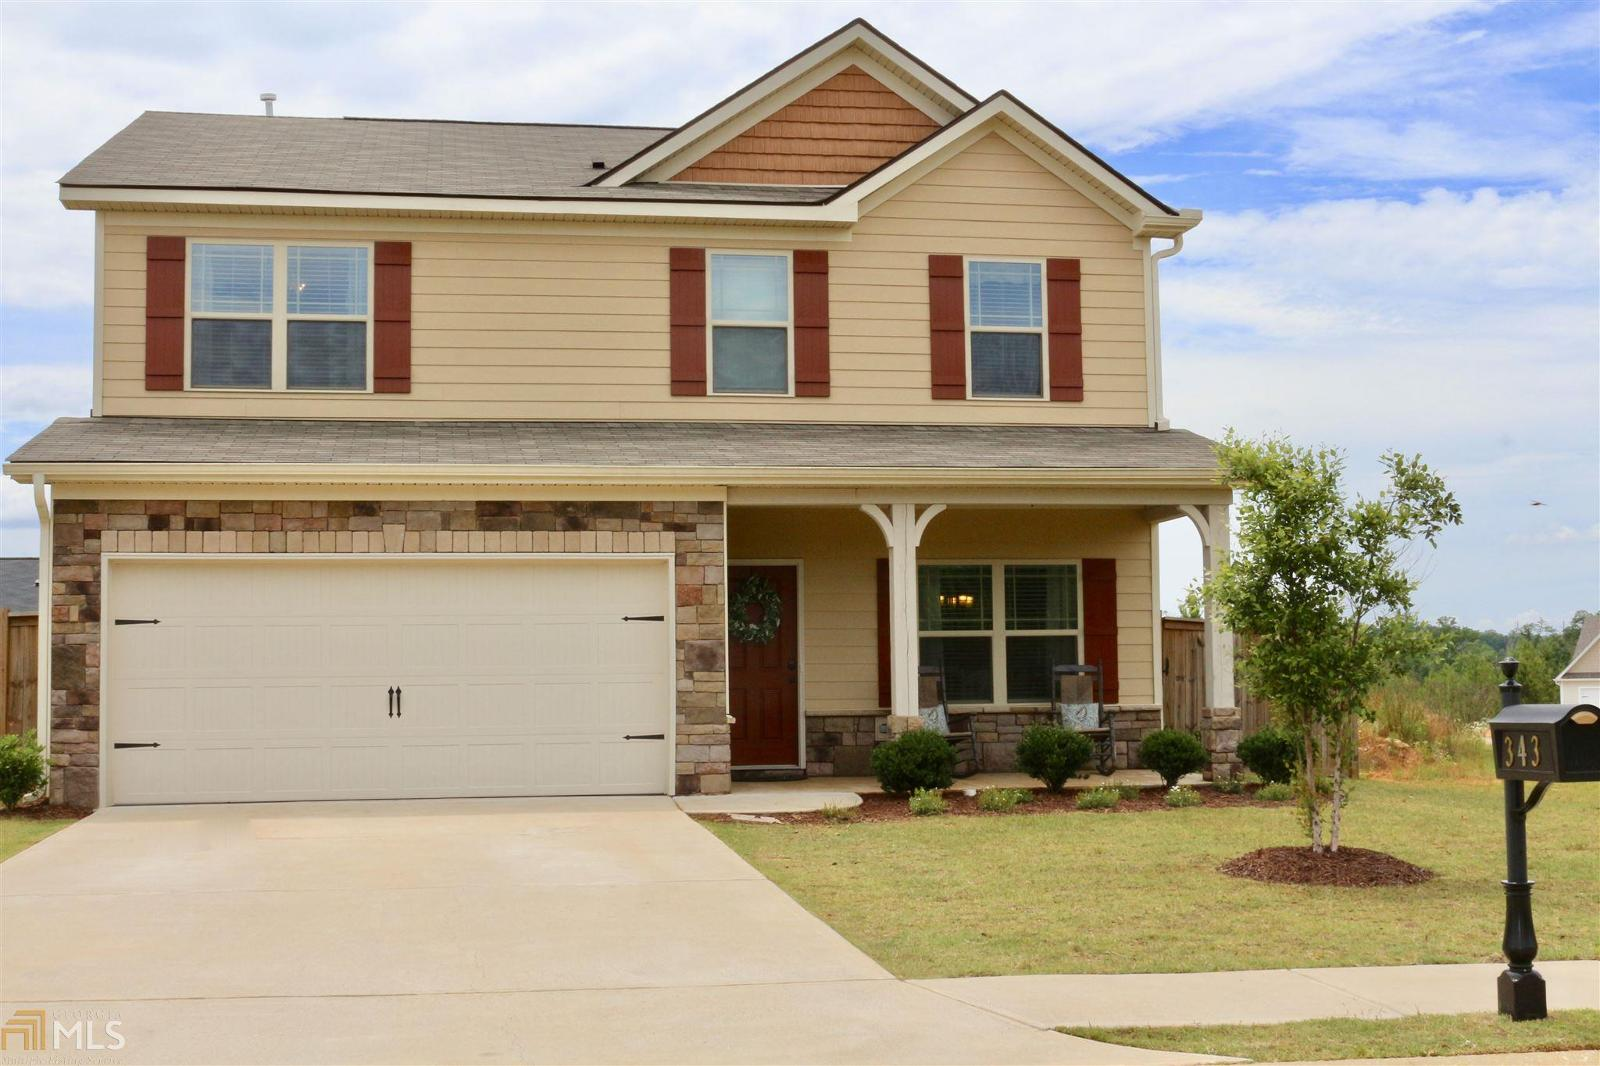 343 linman dr lagrange ga mls 8197372 better homes for Home builders lagrange ga